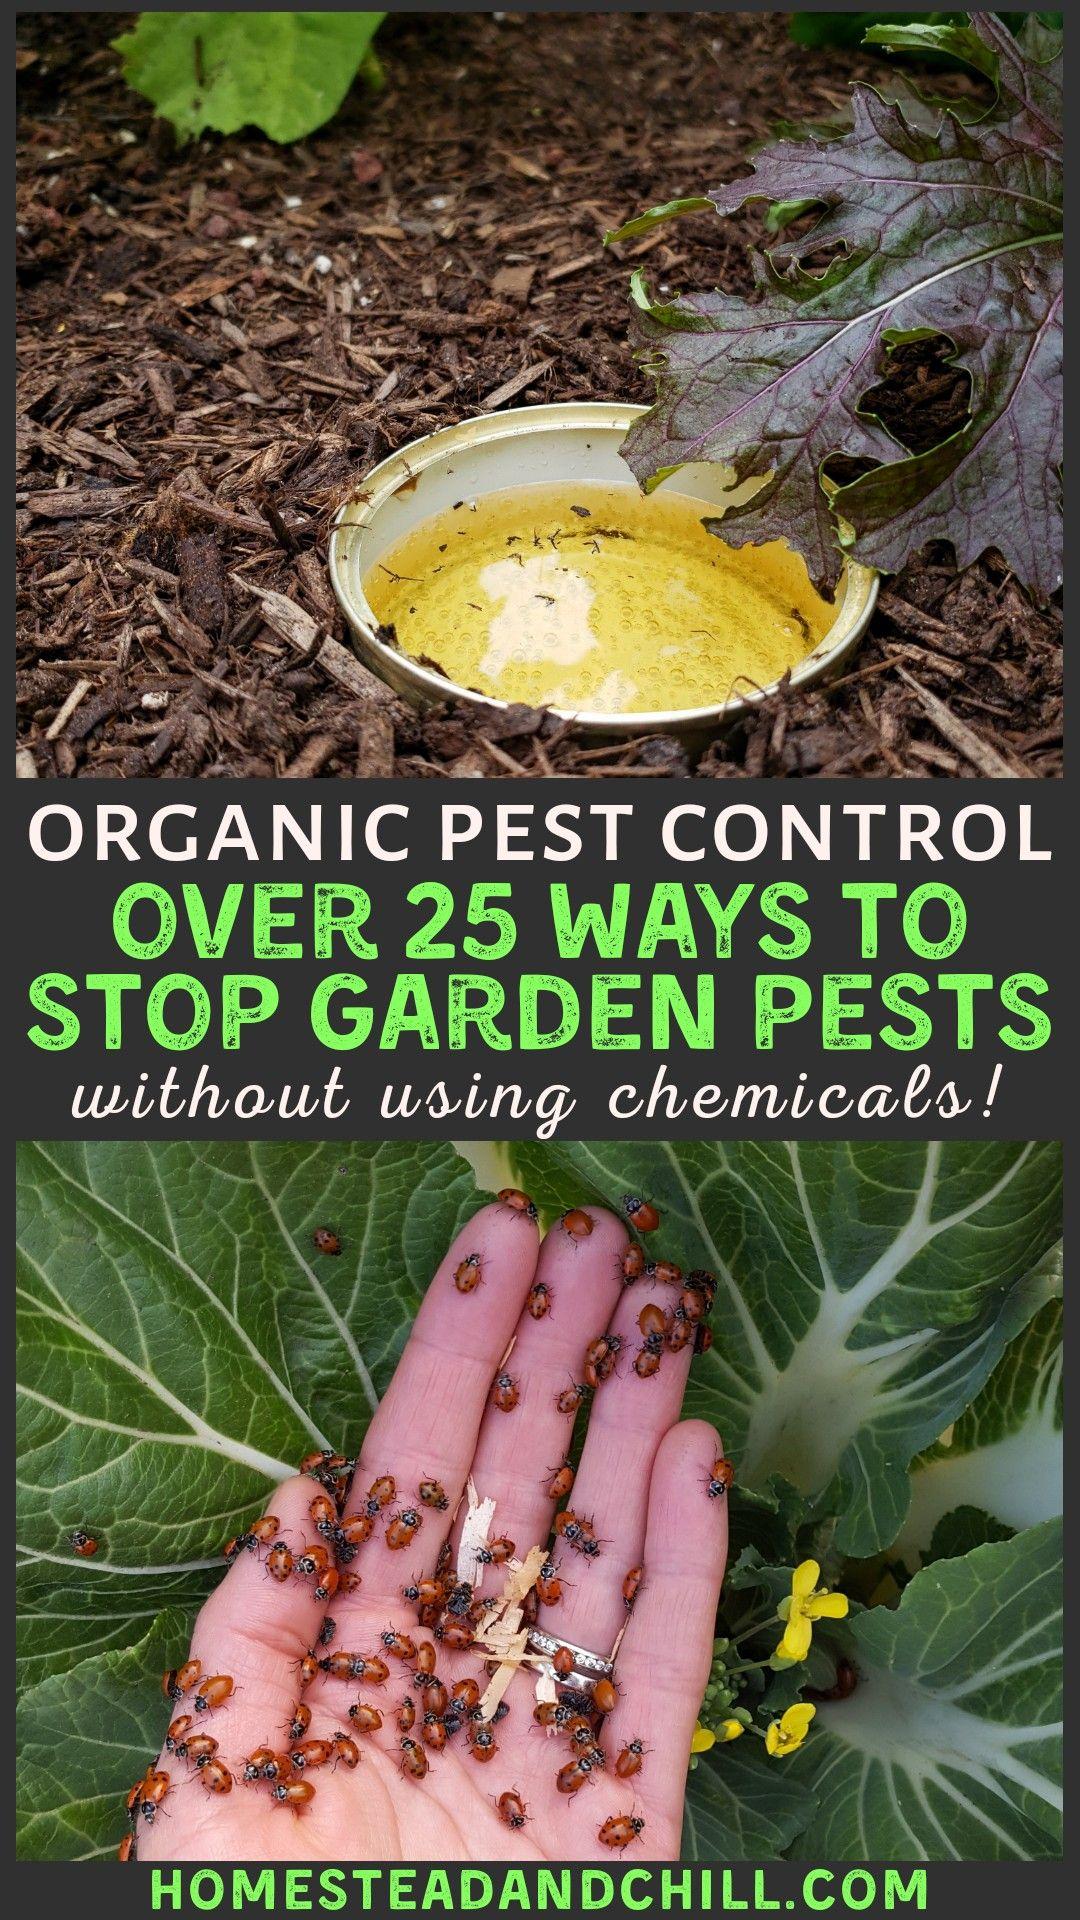 54e36c5e515802945e1ecc2b34b38bbb - Diy Organic Pest Control For Gardens